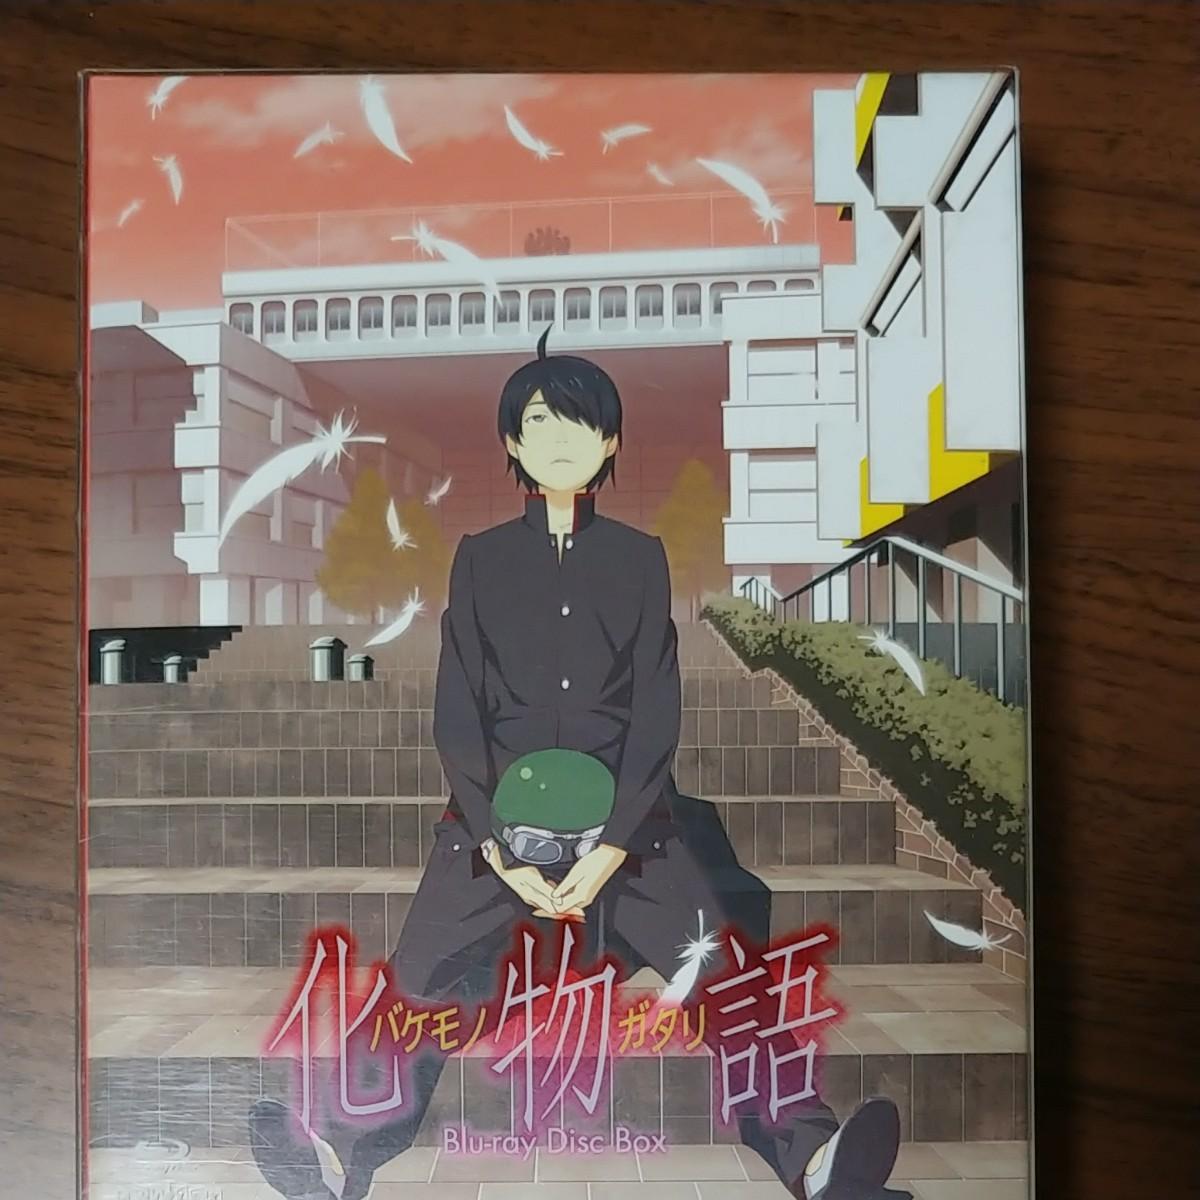 化物語 Blu-ray Disc Box 【特別限定生産BOX】